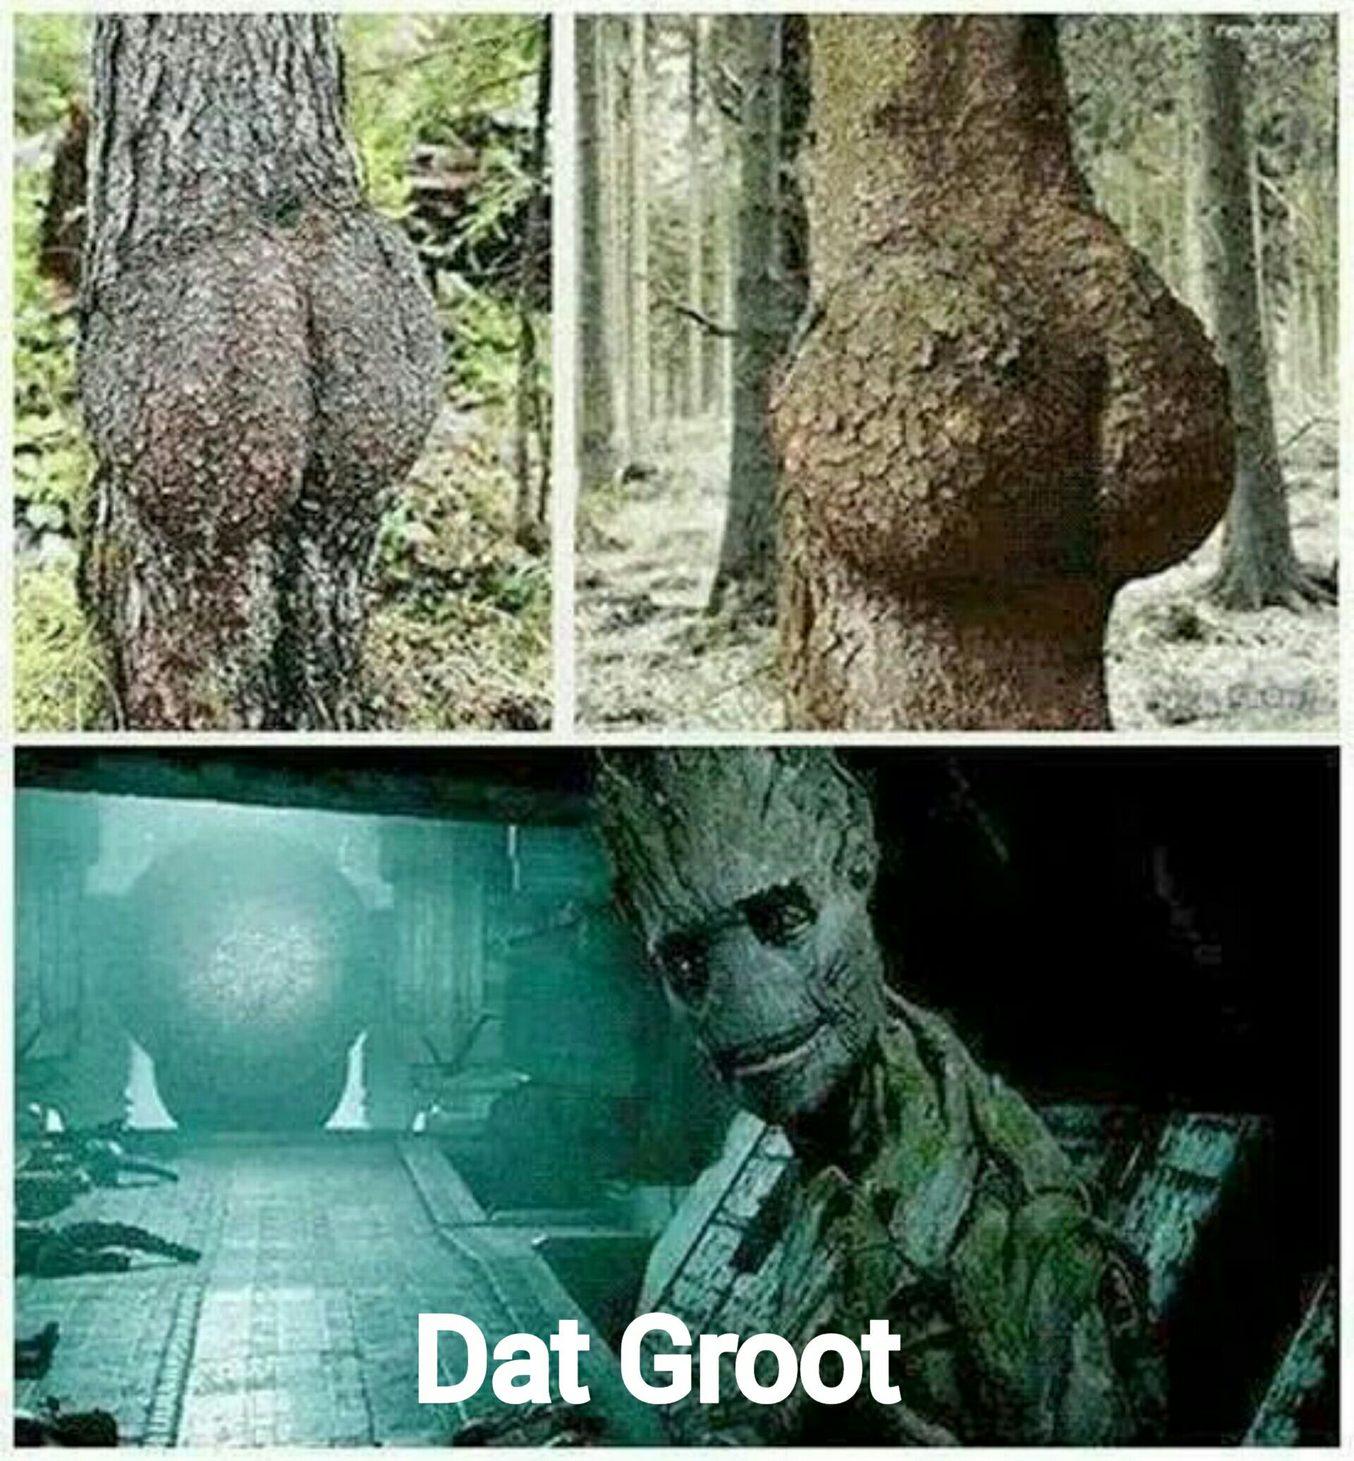 Dat Groot (dat ass) - meme